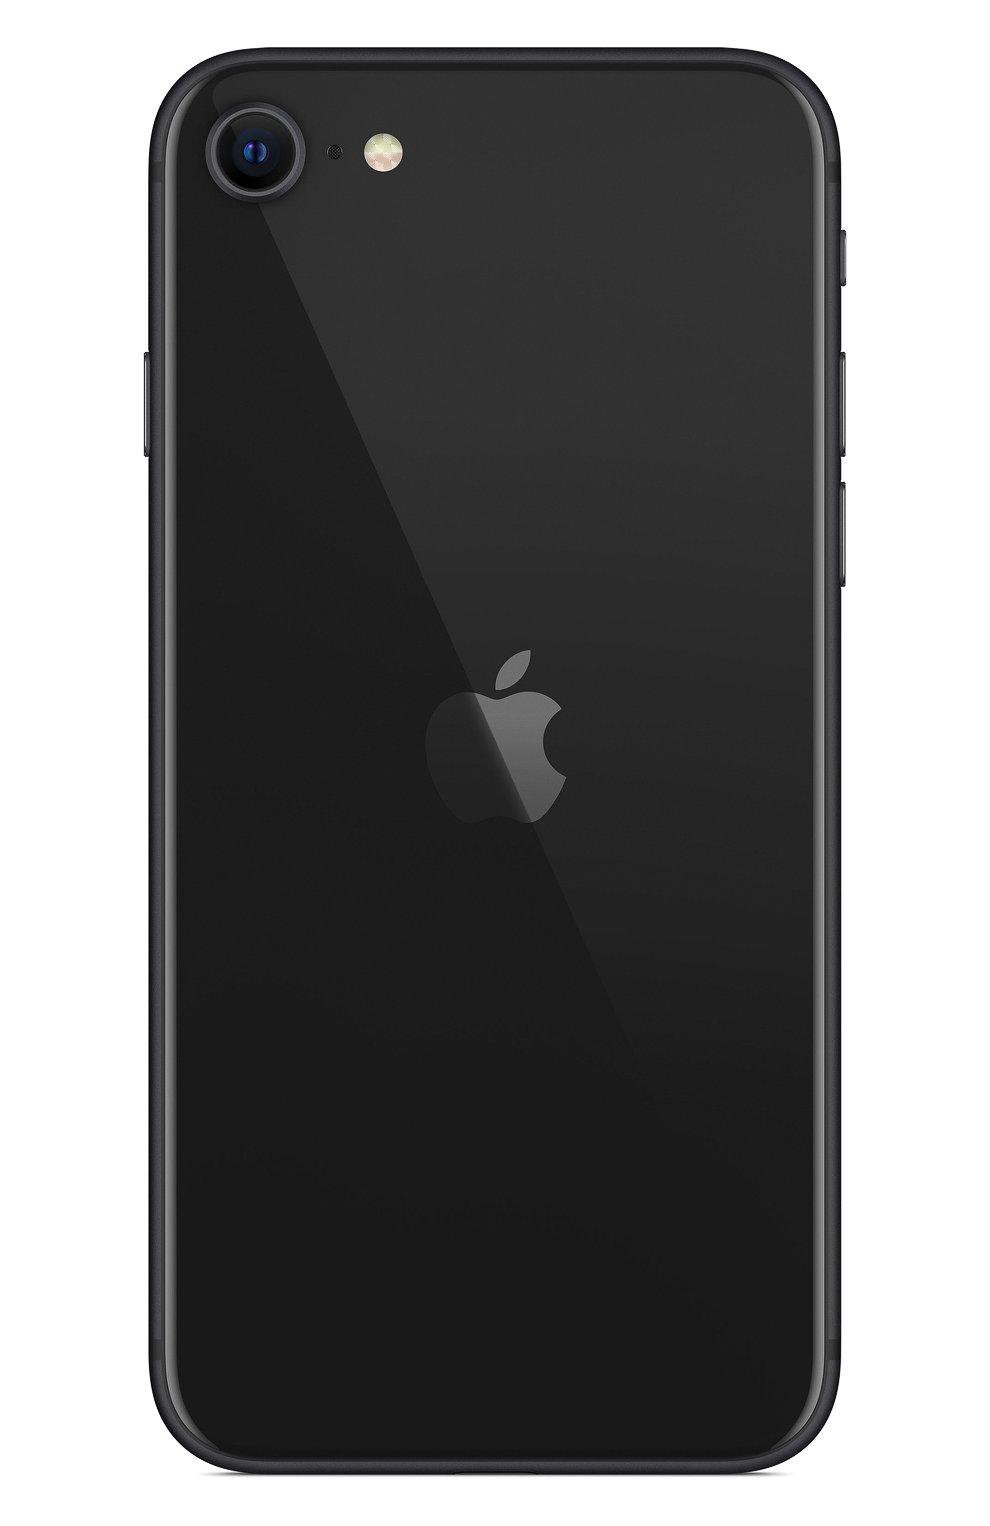 Мужской iphone se (2020) 128gb black APPLE  black цвета, арт. MXD02RU/A | Фото 2